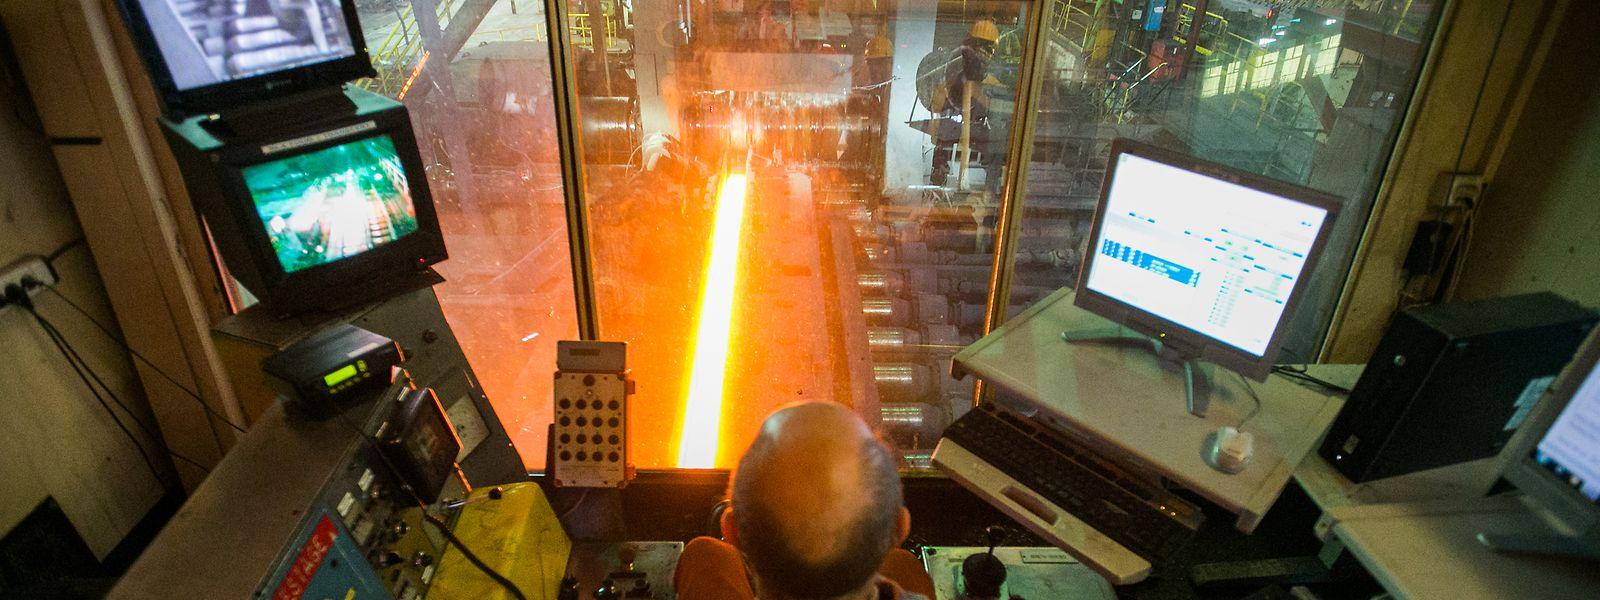 Avec une perte nette de 404 millions d'euros au deuxième trimestre, ArcelorMittal subit les effets de la surcapacité au niveau mondial.